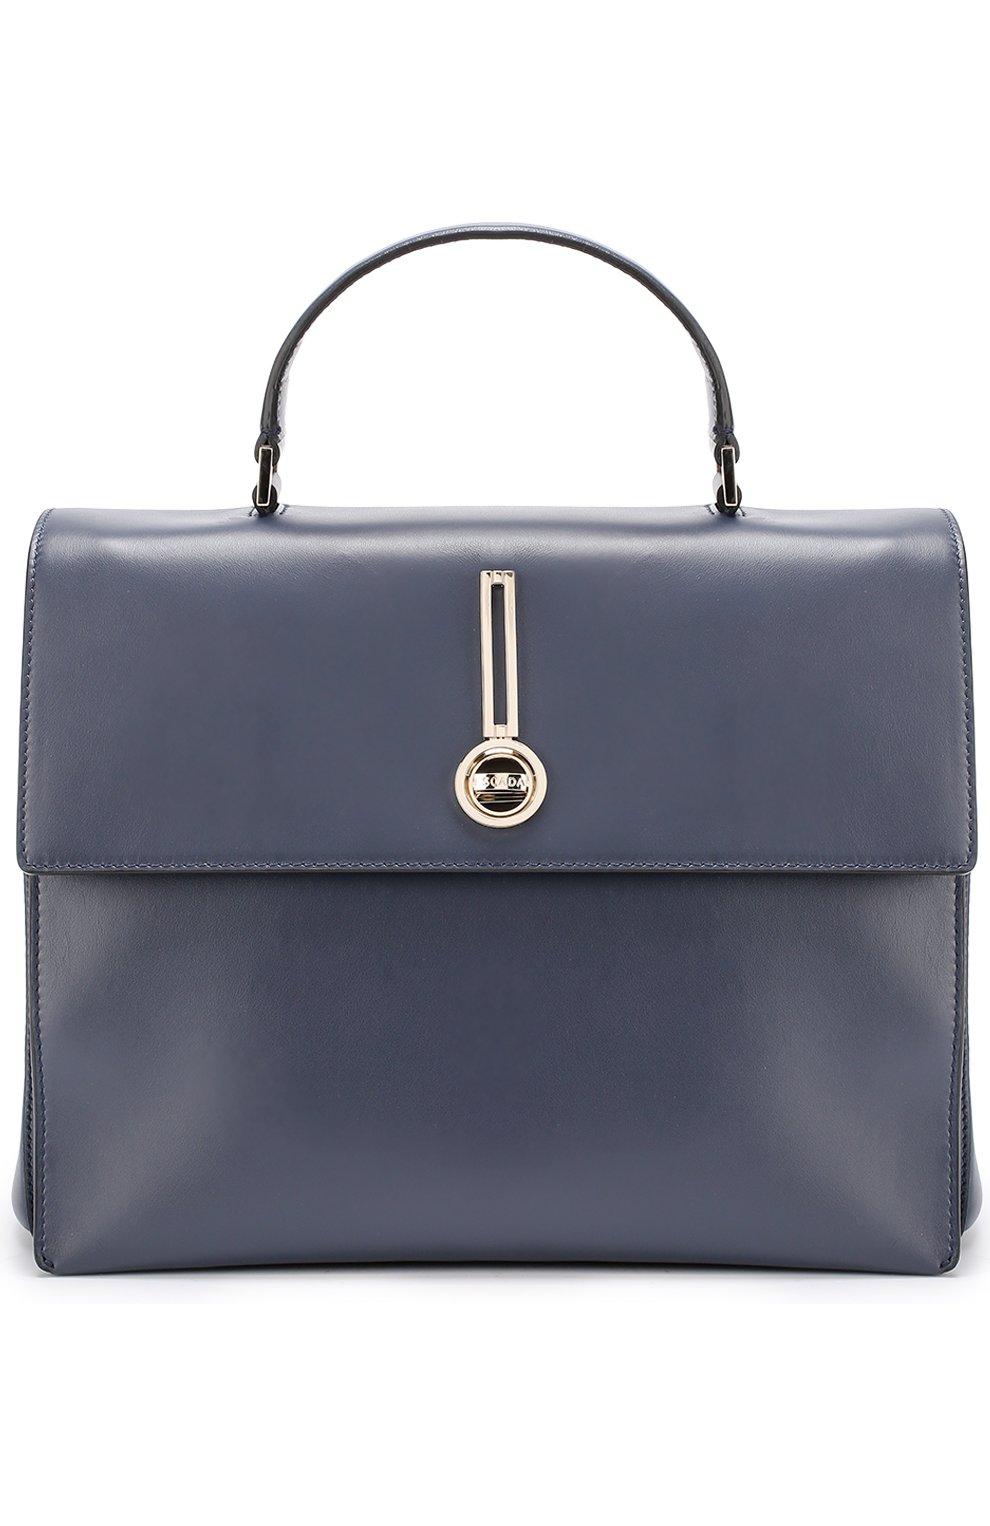 39864bfe816a Фото Женская кожаная сумка с металлической отделкой ESCADA темно-синяя  цвета Италия 5186330 5025318